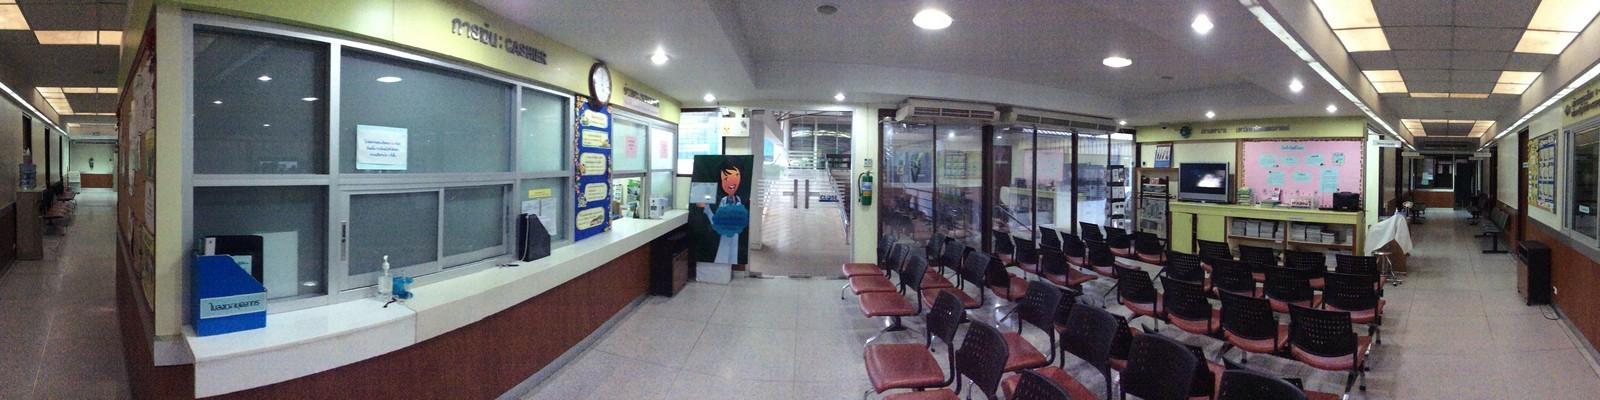 สถานพยาบาลมหาวิทยาลัยเกษตรศาสตร์